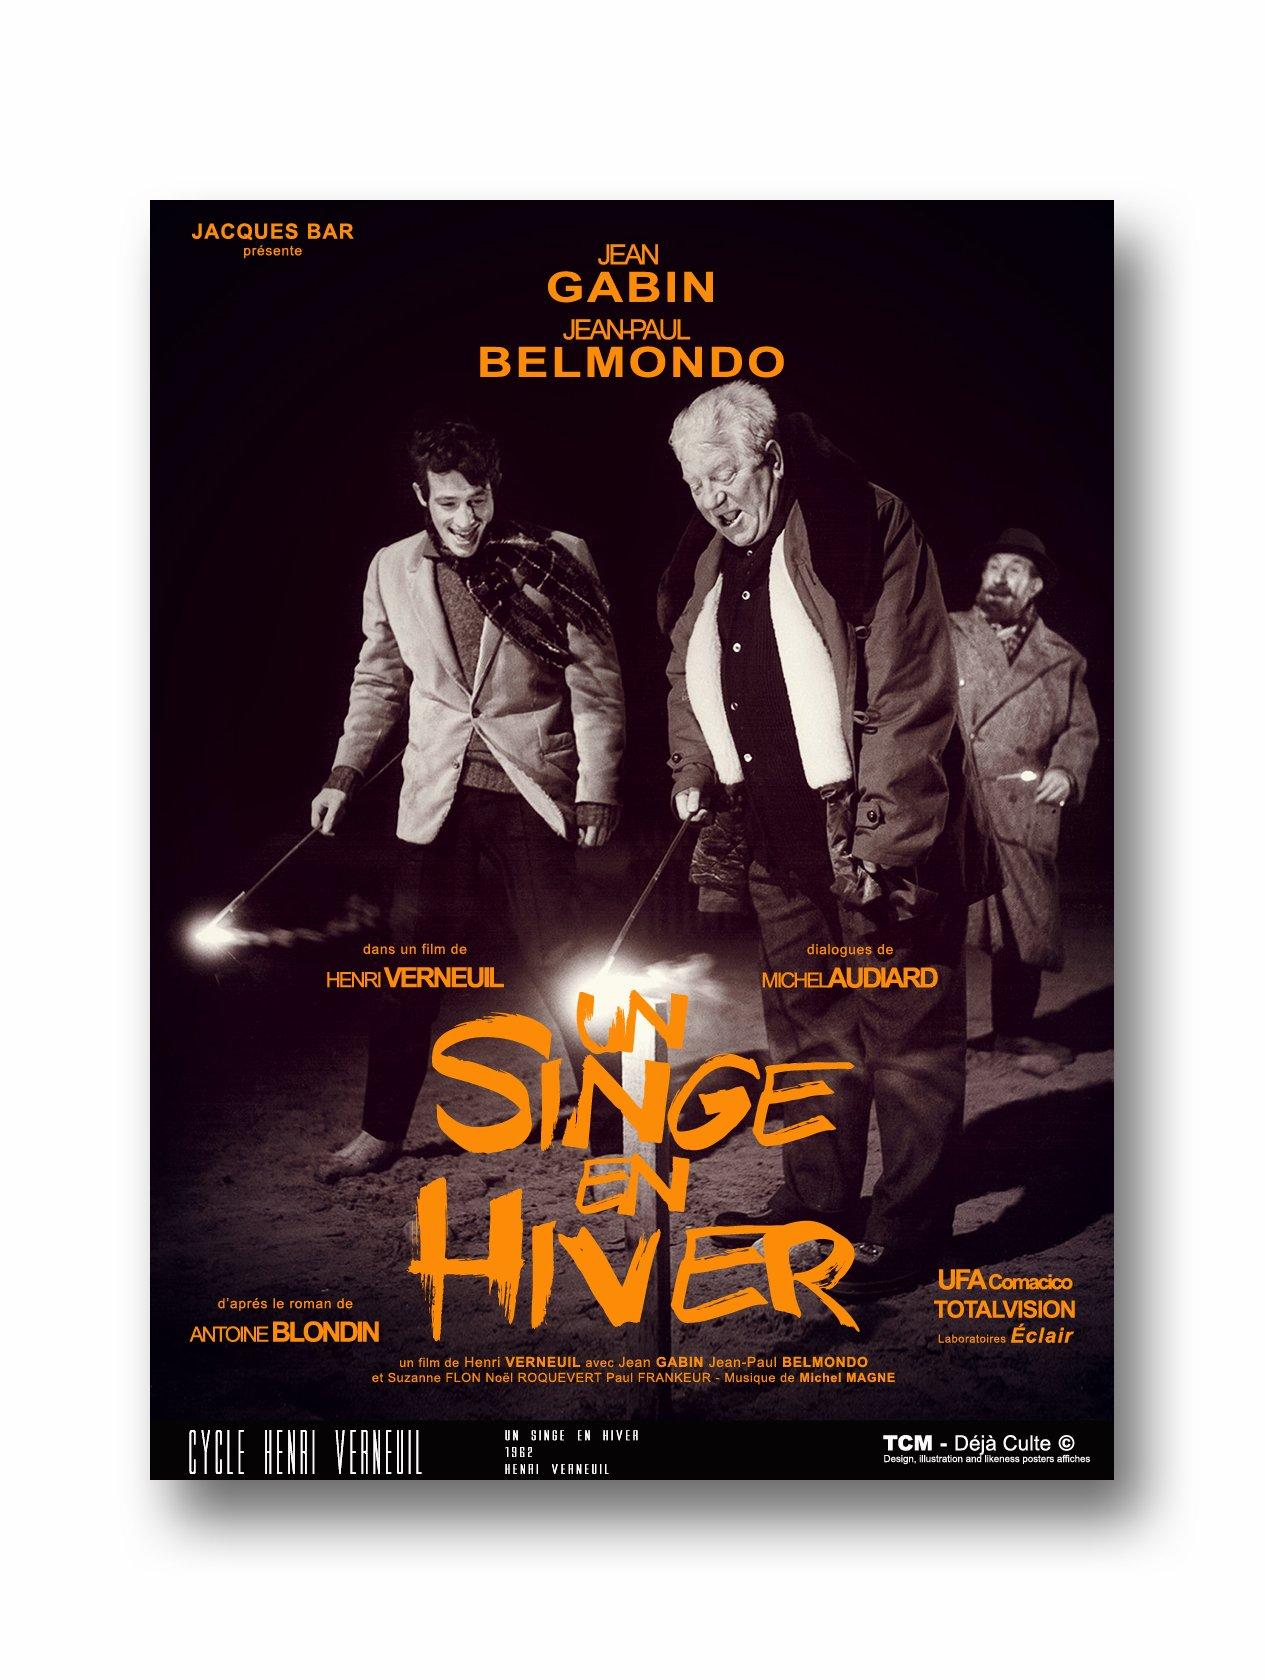 Film Un Singe En Hiver : singe, hiver, SINGE, HIVER, Gabin, Jean-Paul, Belmondo, PosterSpy